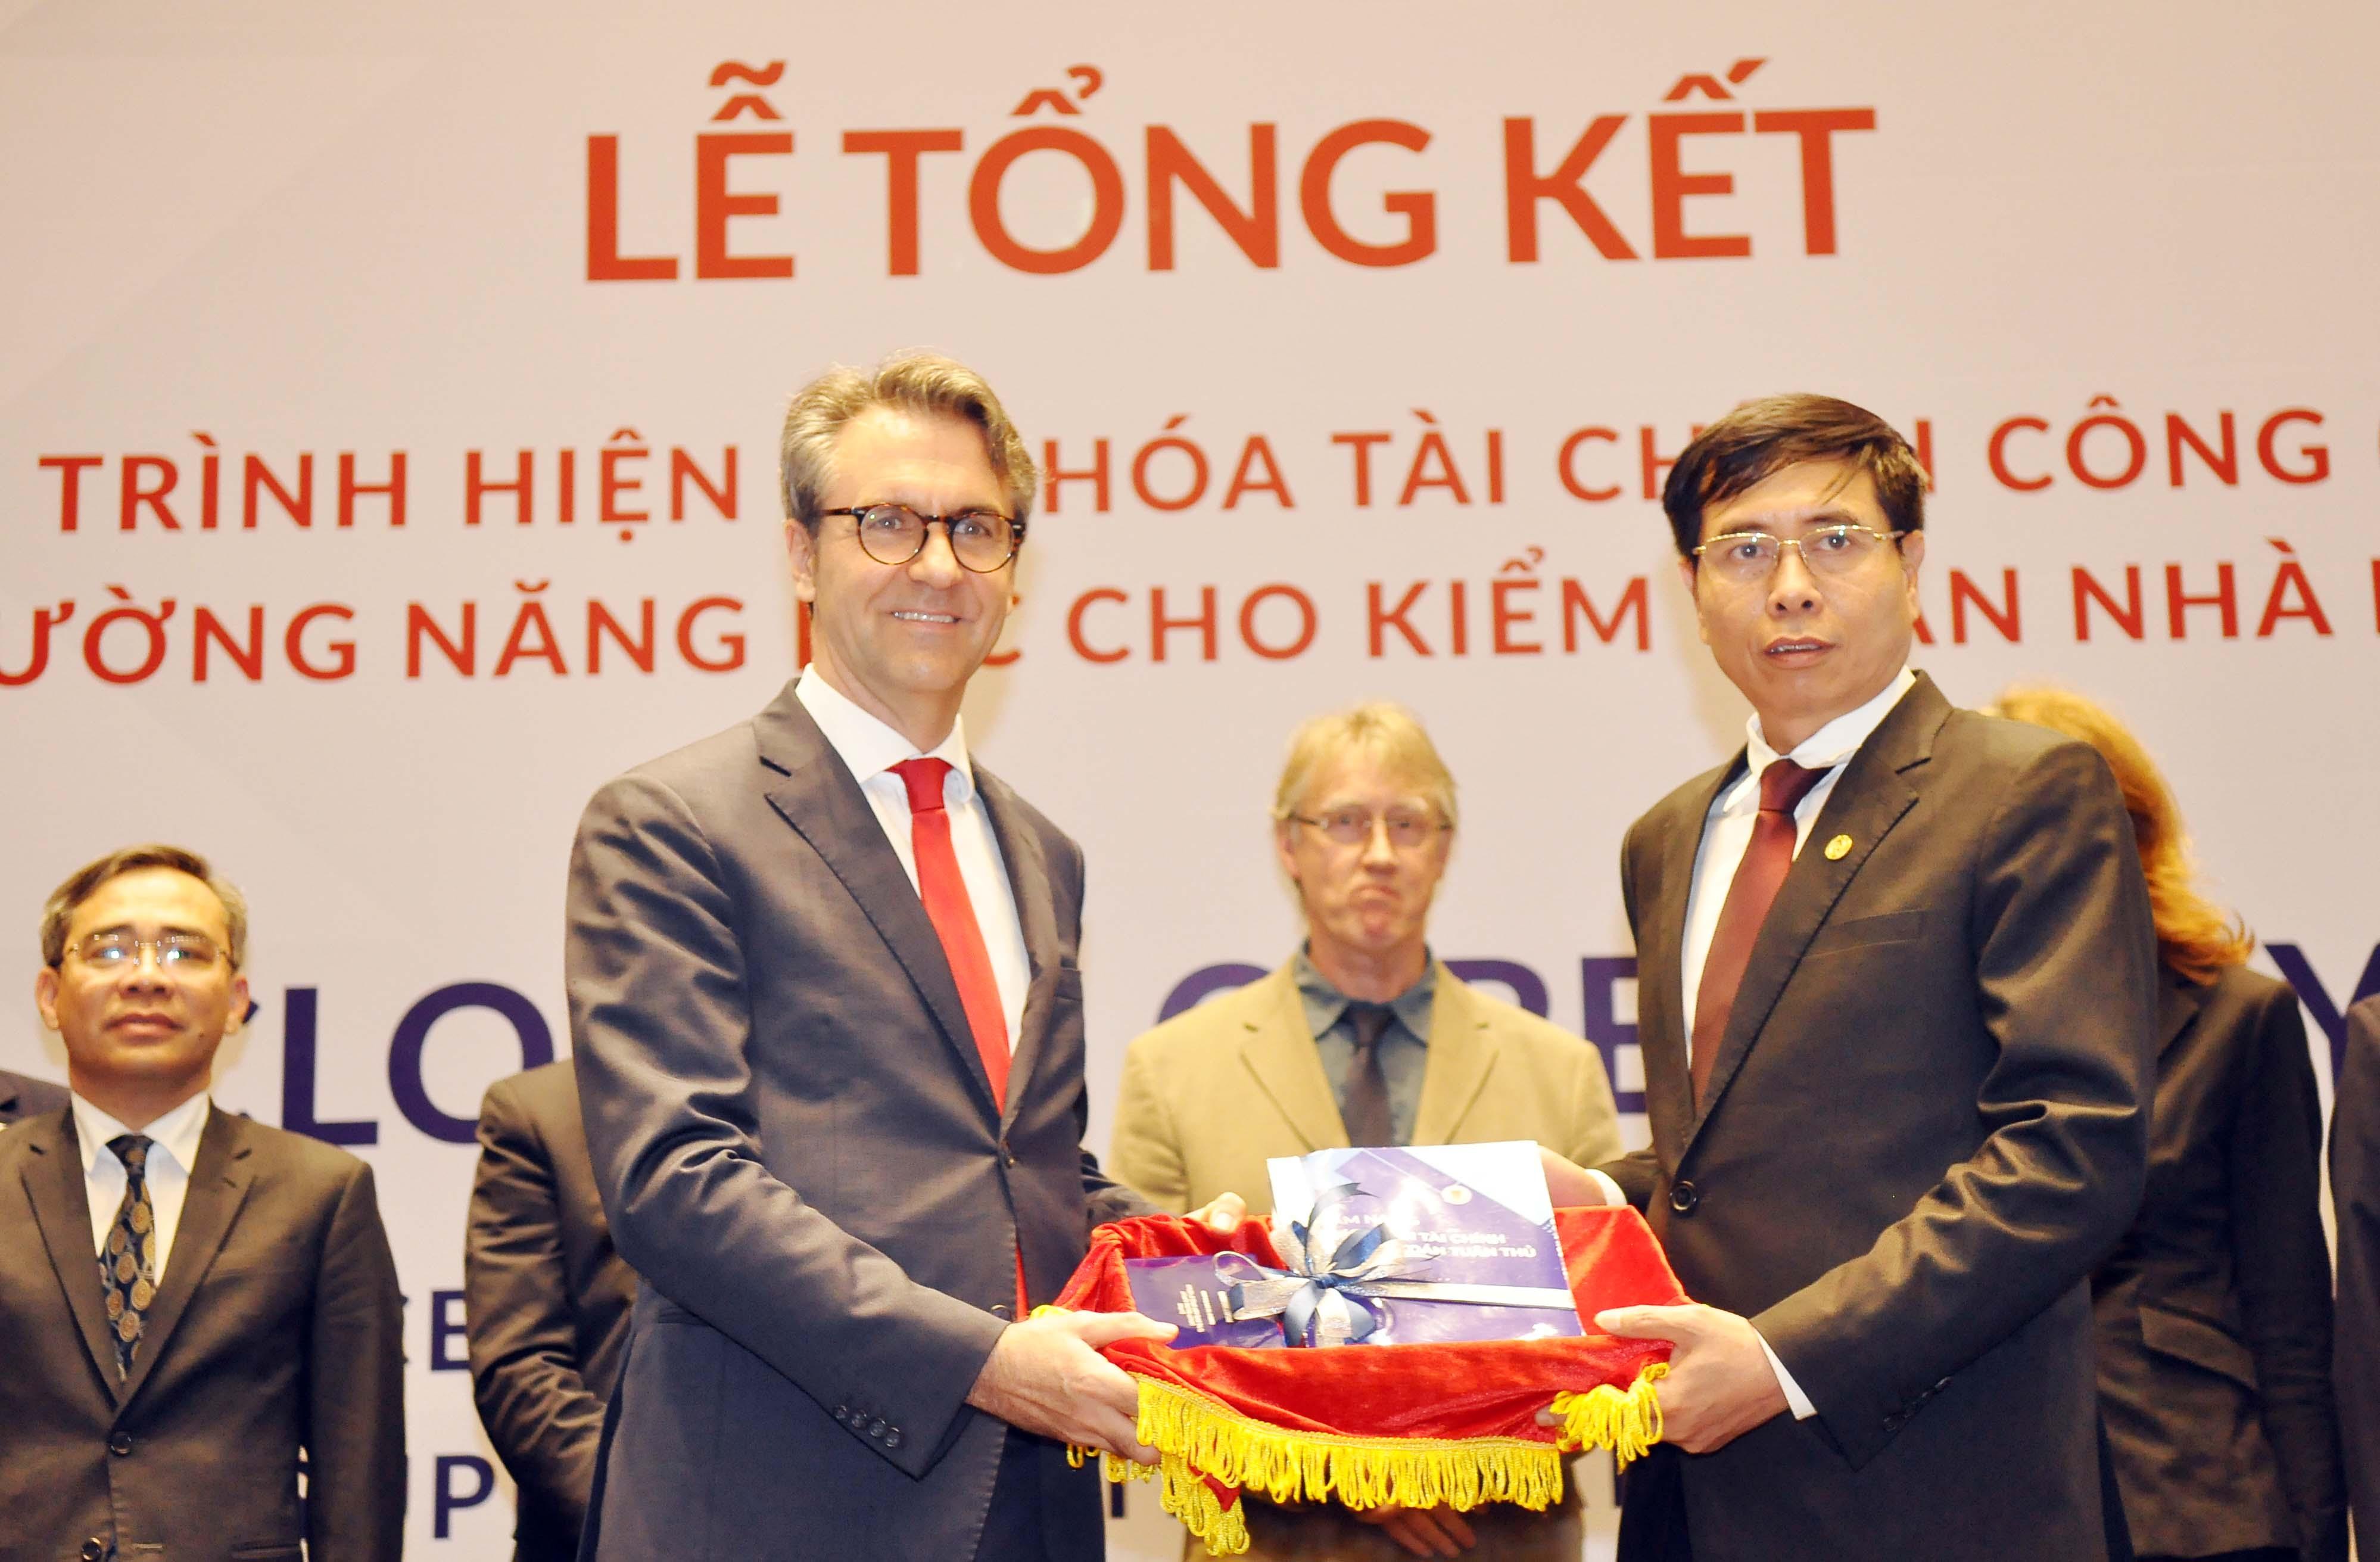 Bàn giao các sản phẩm của Dự án Hỗ trợ Kiểm toán nhà nước Việt Nam nâng cao trách nhiệm giải trình, tính minh bạch và vai trò giám sát hoạt động quản lý tài chính công